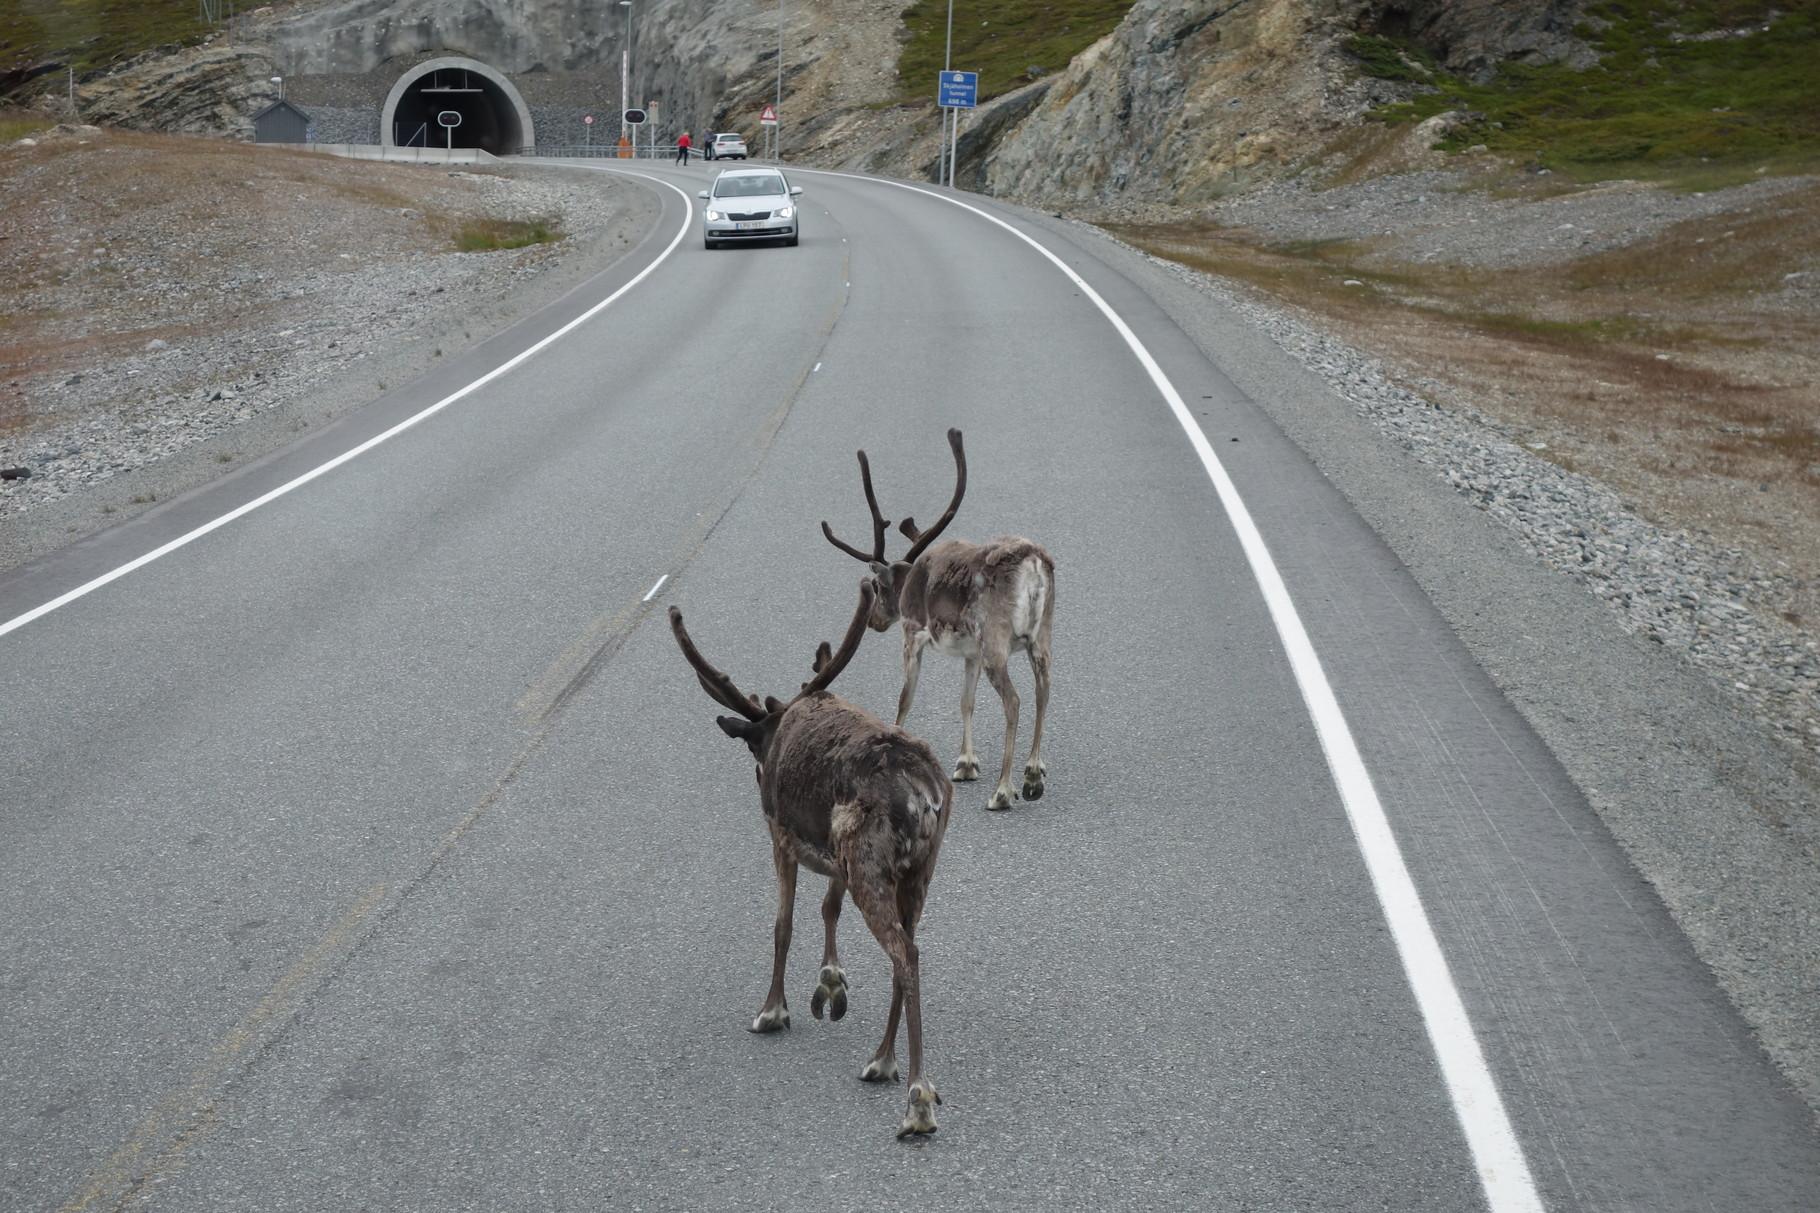 weiter gehts nach Hammerfest und immer wieder sehen wir Rentiere auf der Straße